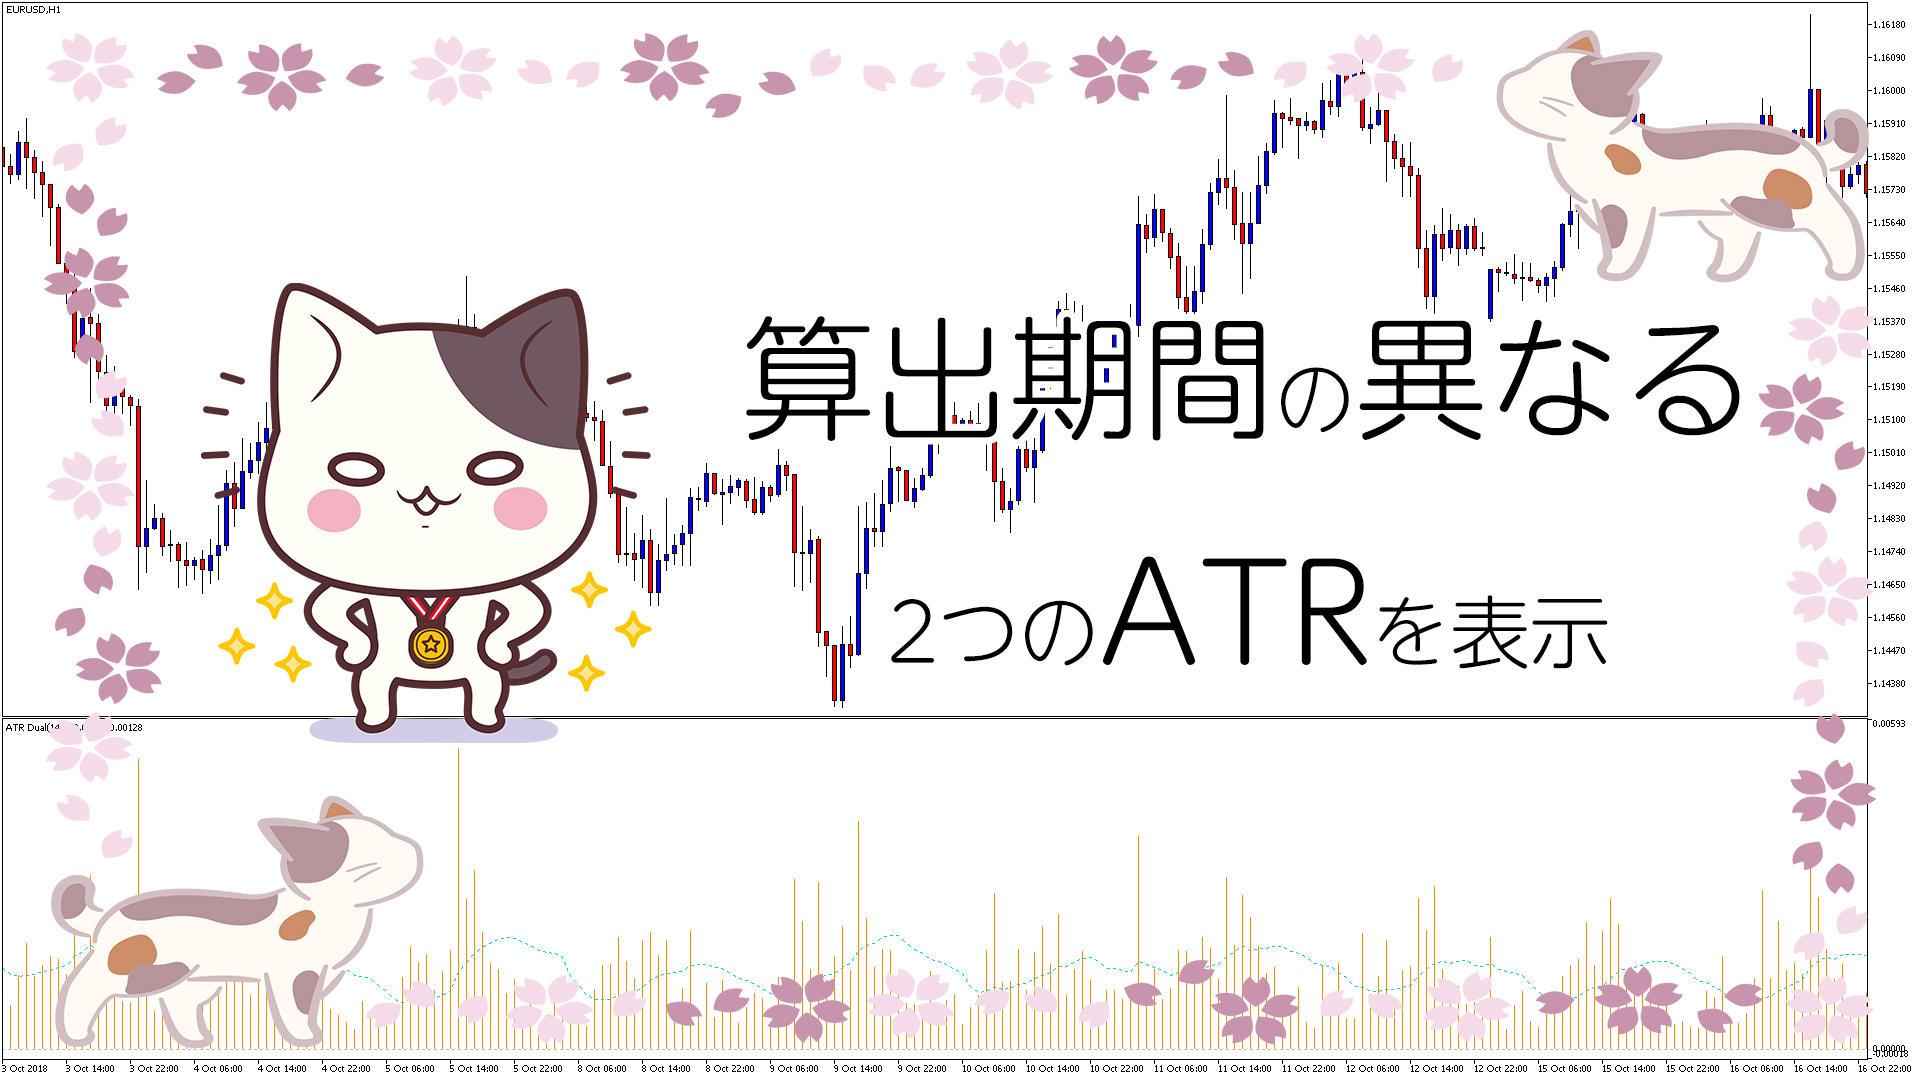 算出期間の異なる2つのATRを表示するMT5インジケータ-「ATR Dual」